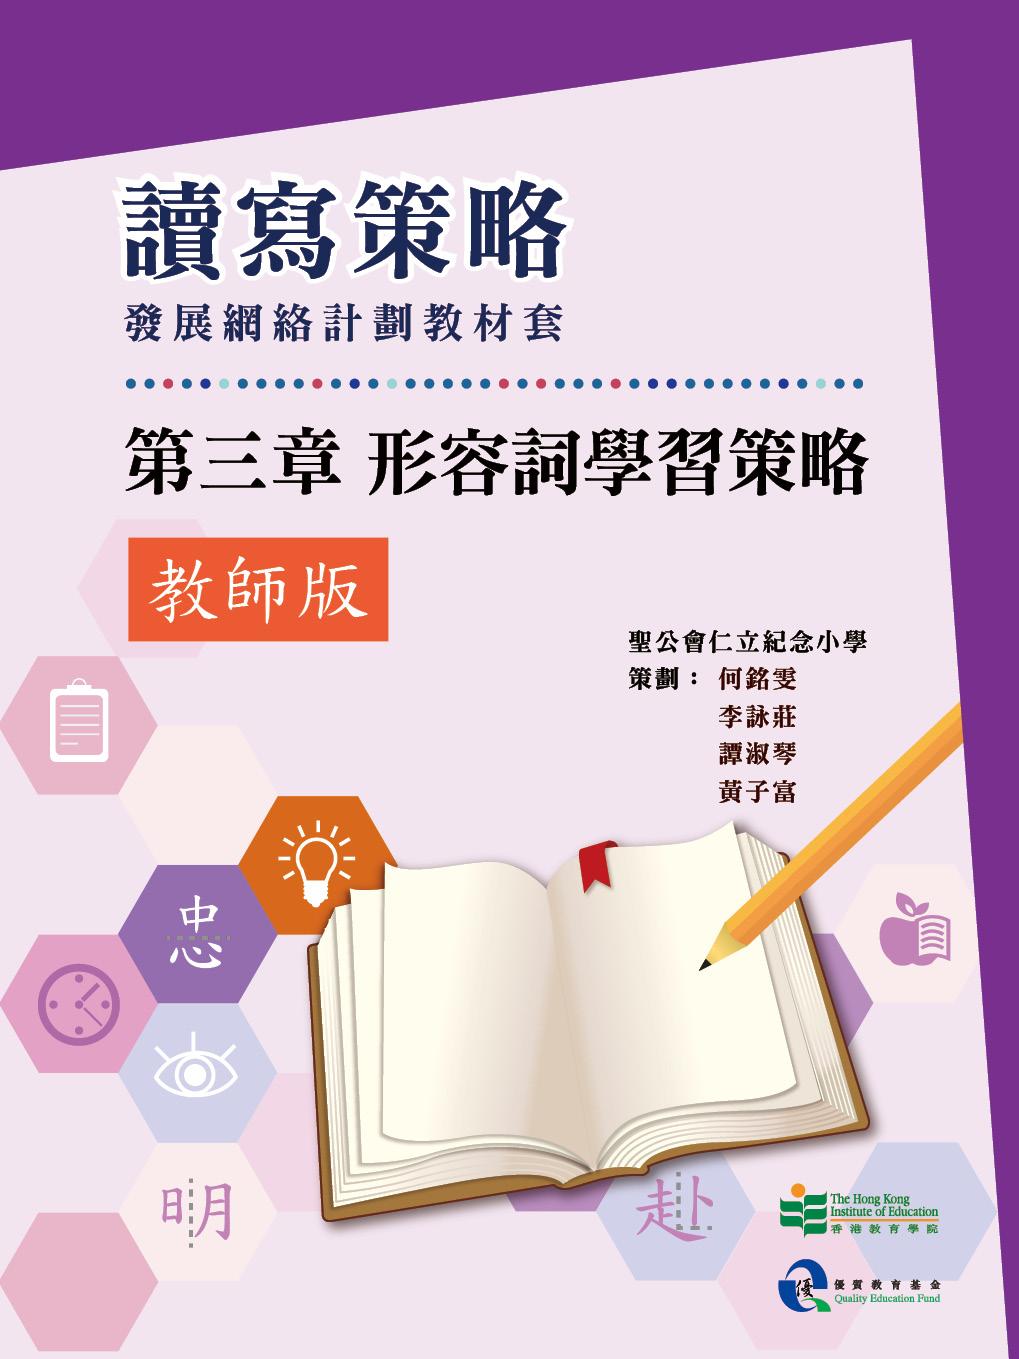 讀寫策略發展網絡計劃教材套 第三章 形容詞學習策略(教師版)